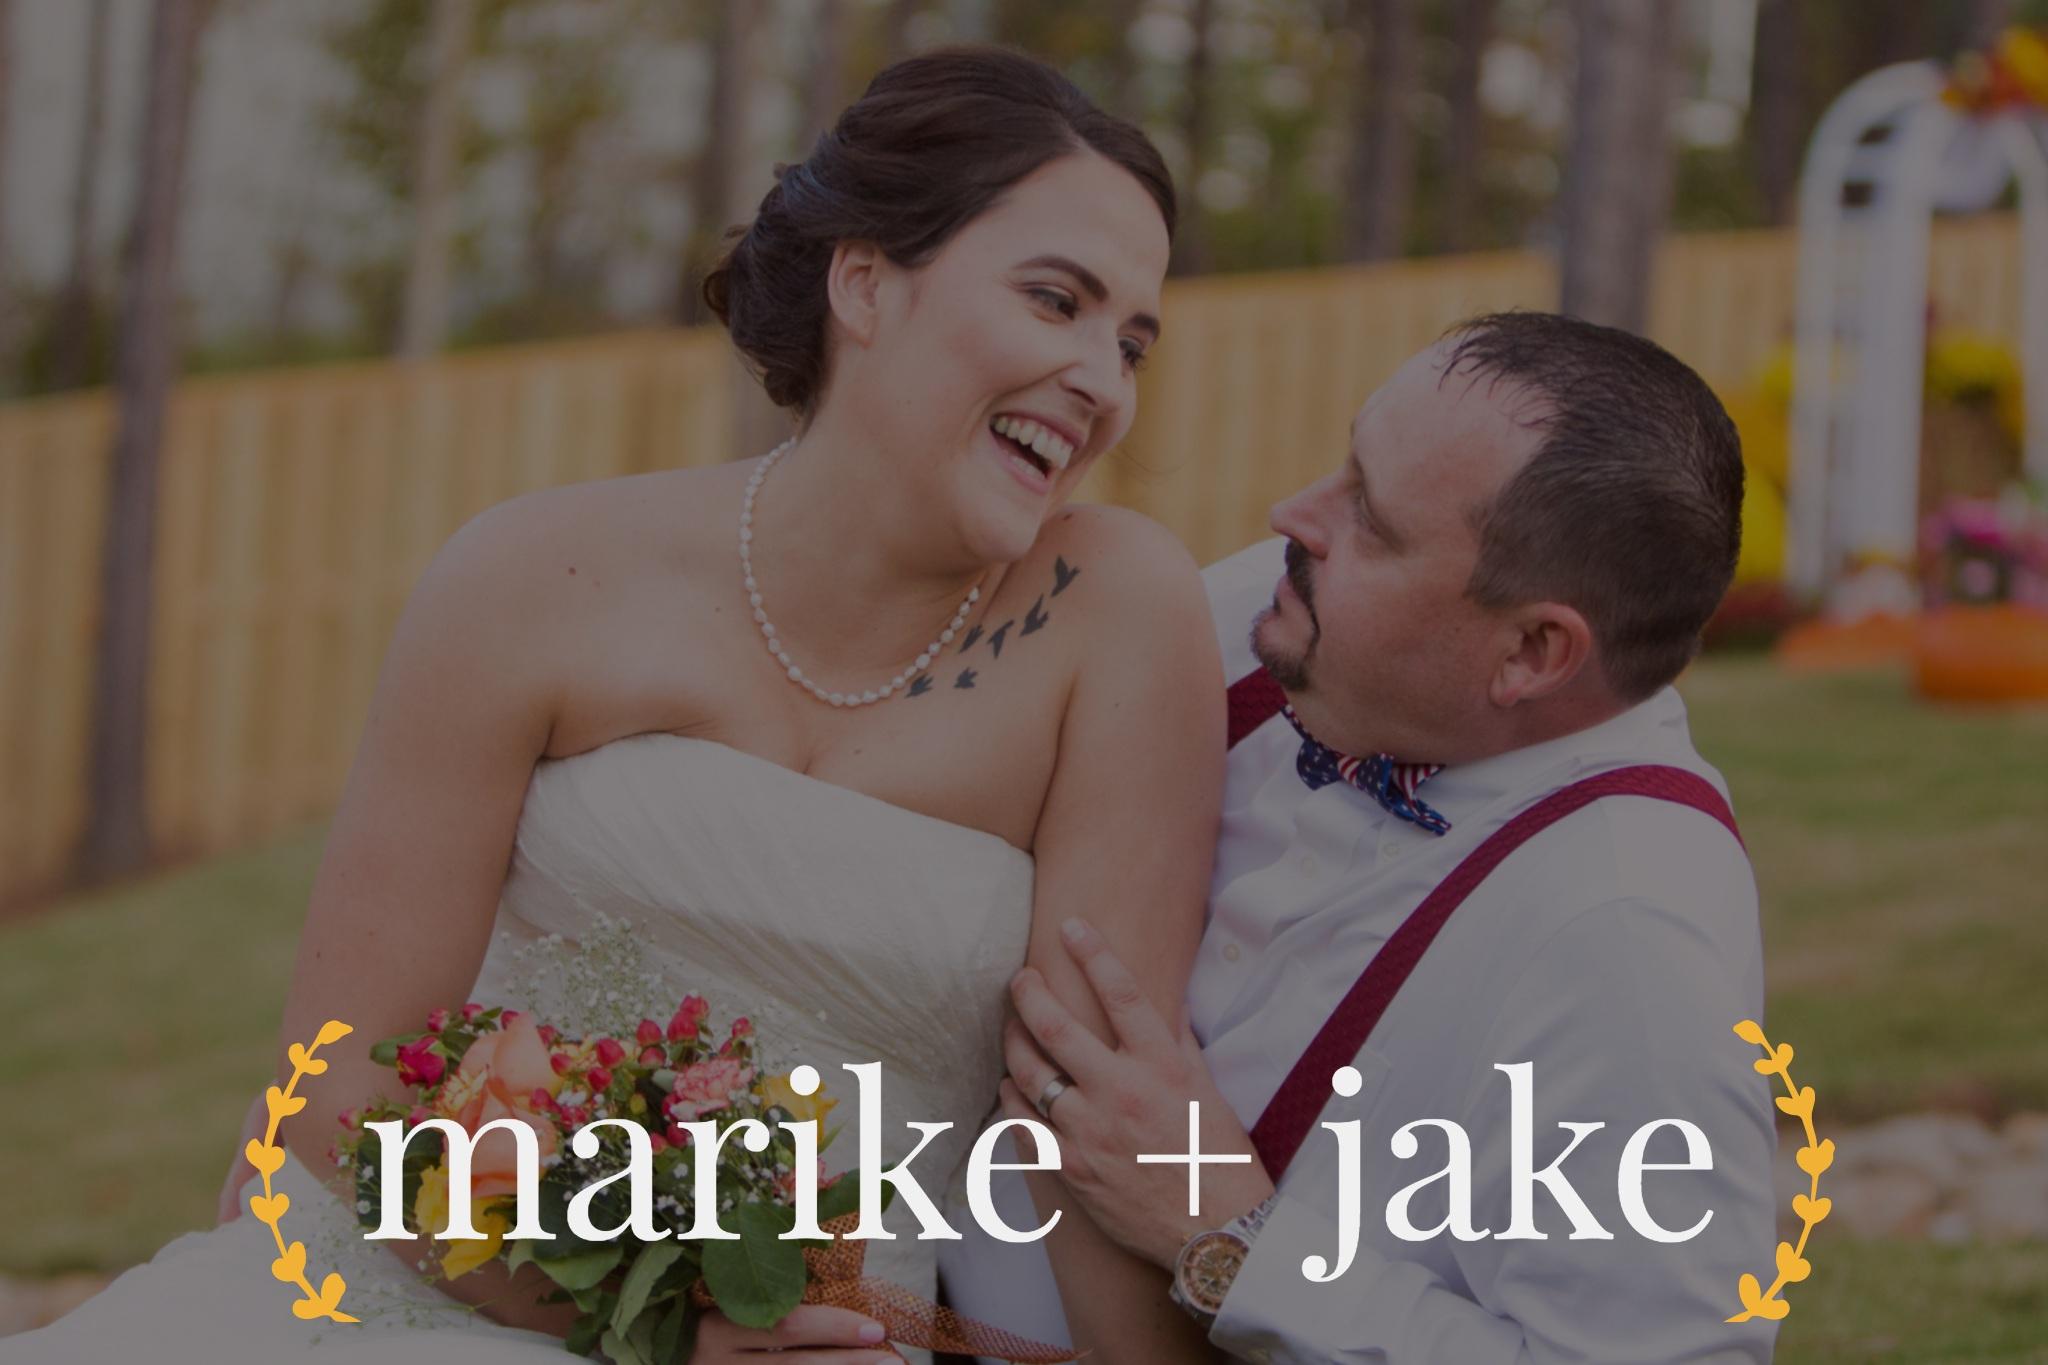 backyard wedding marike jake.jpg